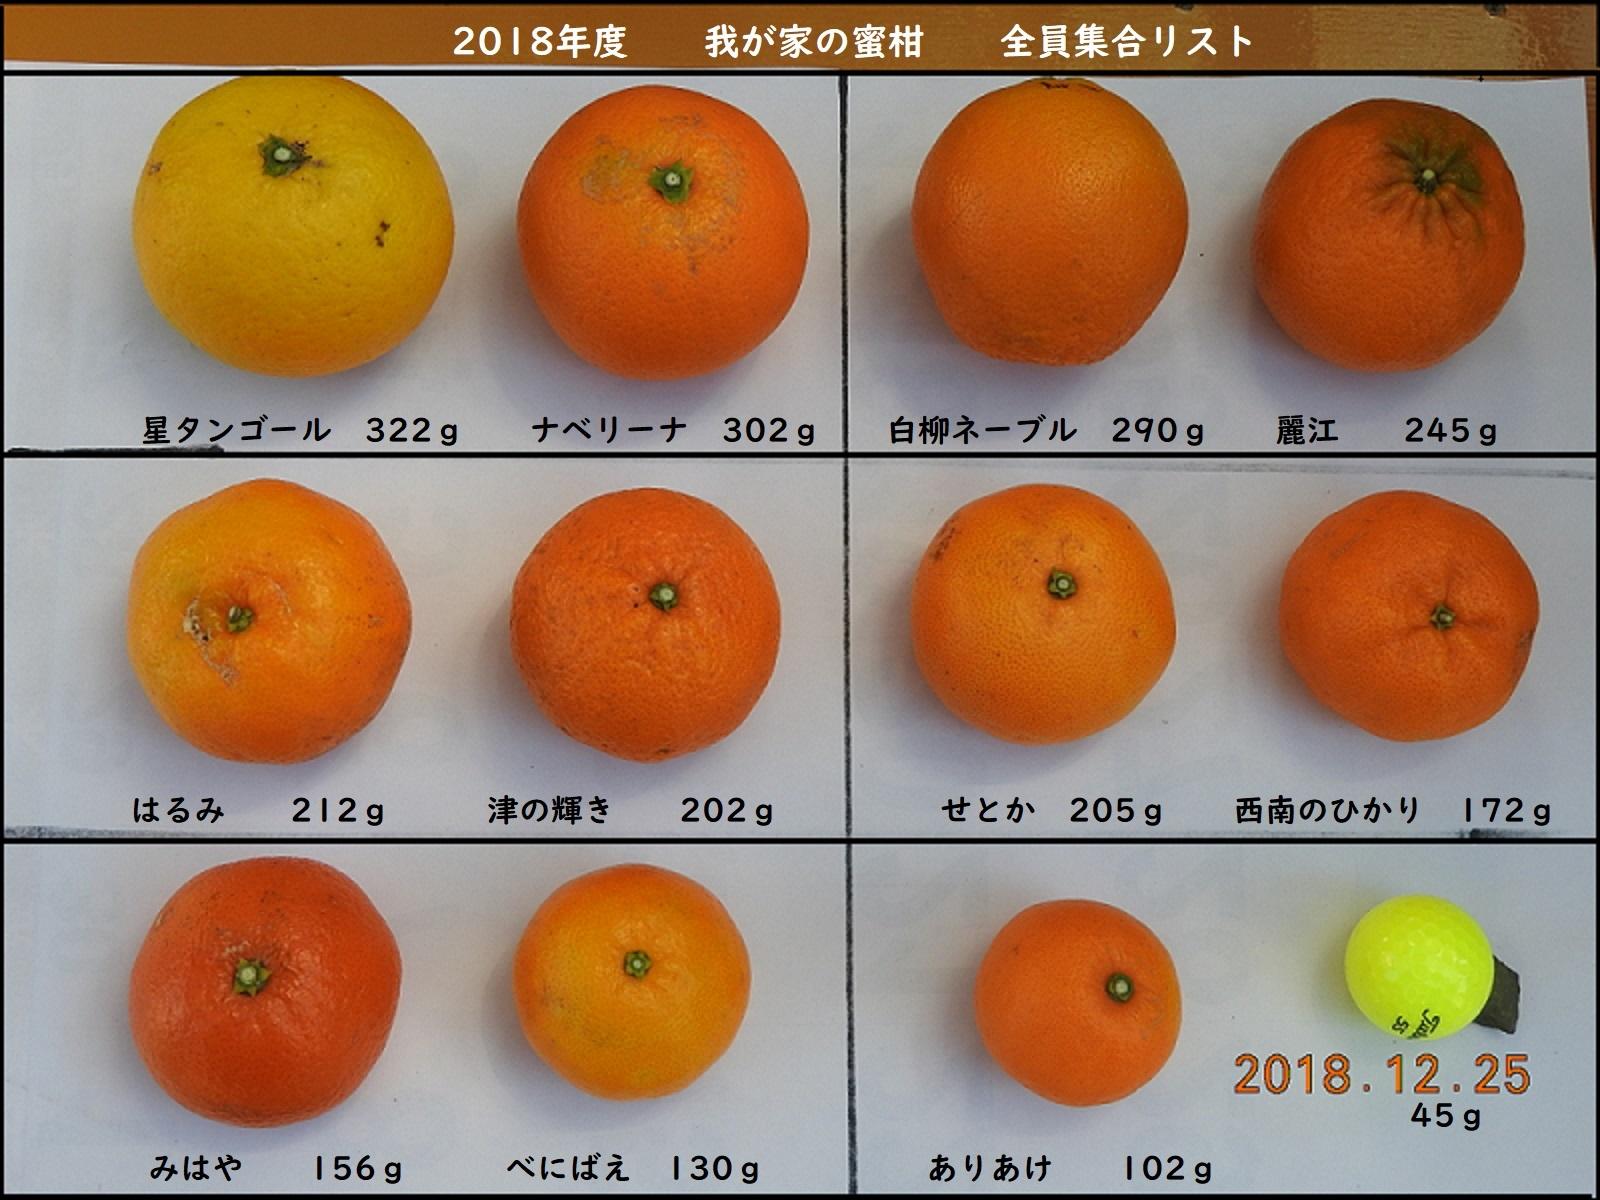 かいせいばんDSCN3320